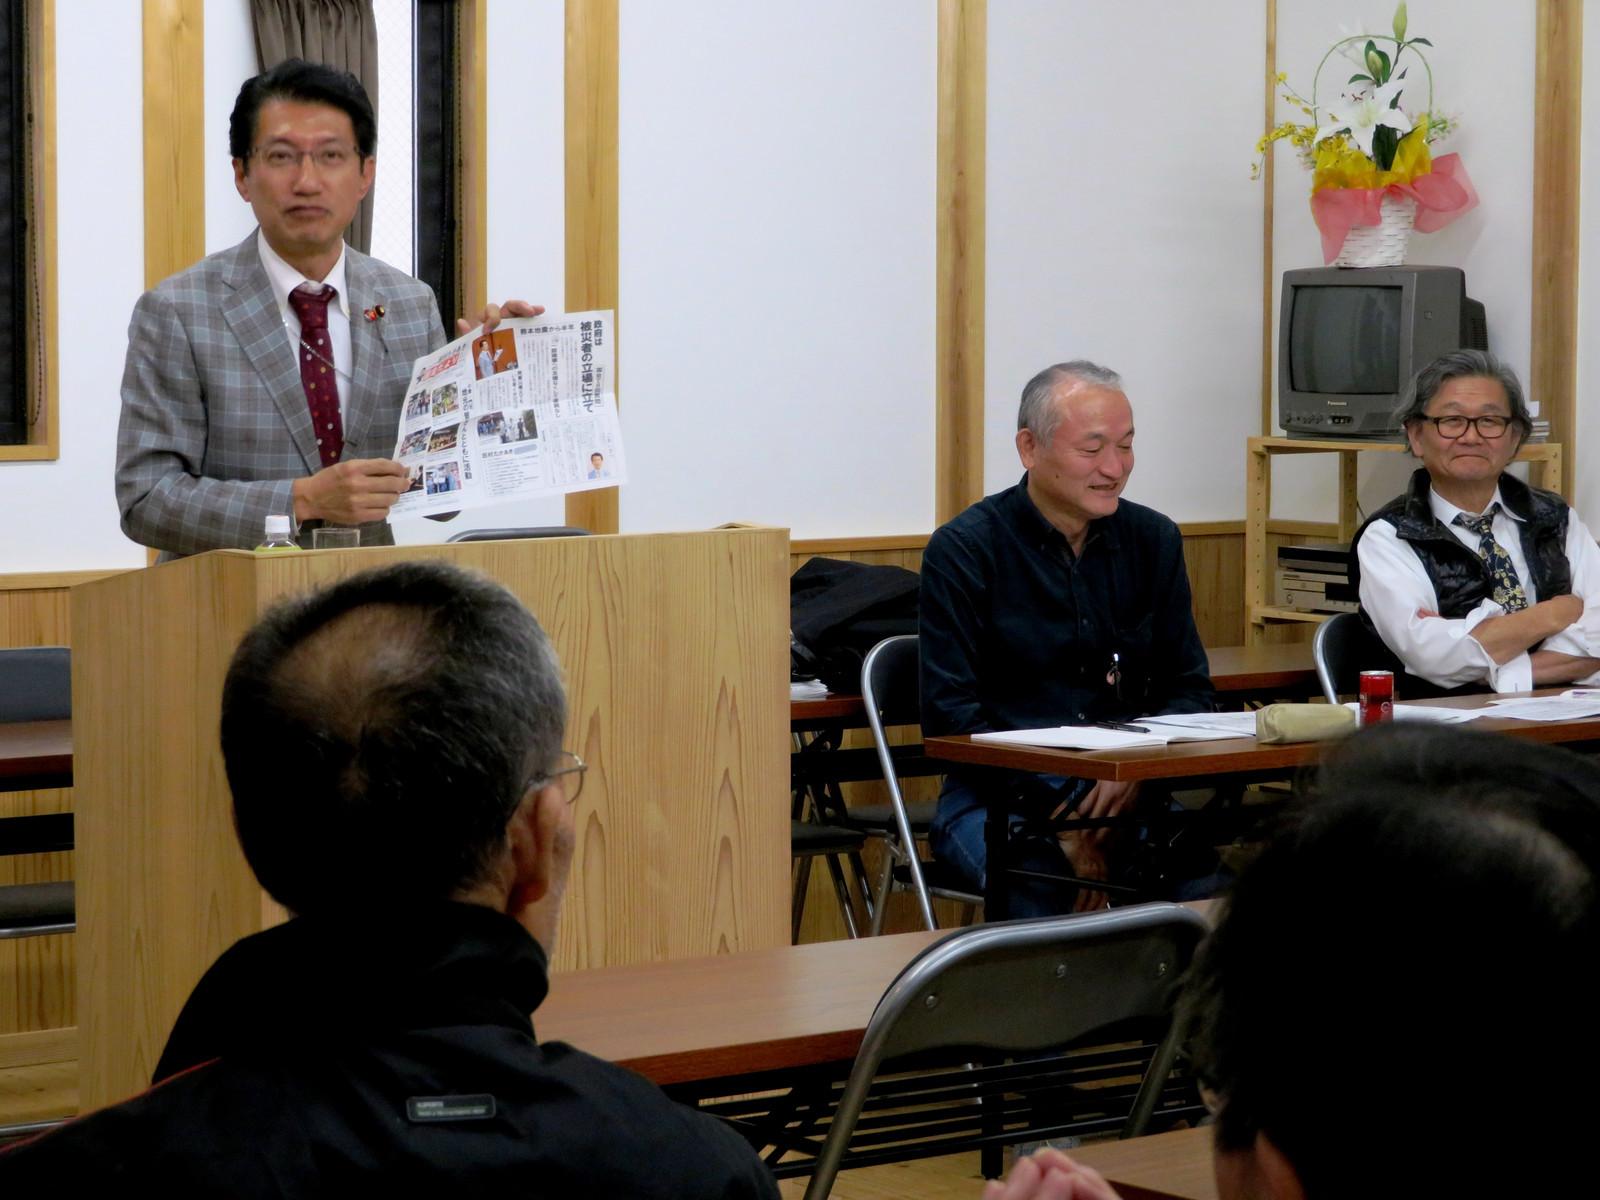 決起集会で国政問題について報告する田村貴昭衆院議員=23日、北九州市